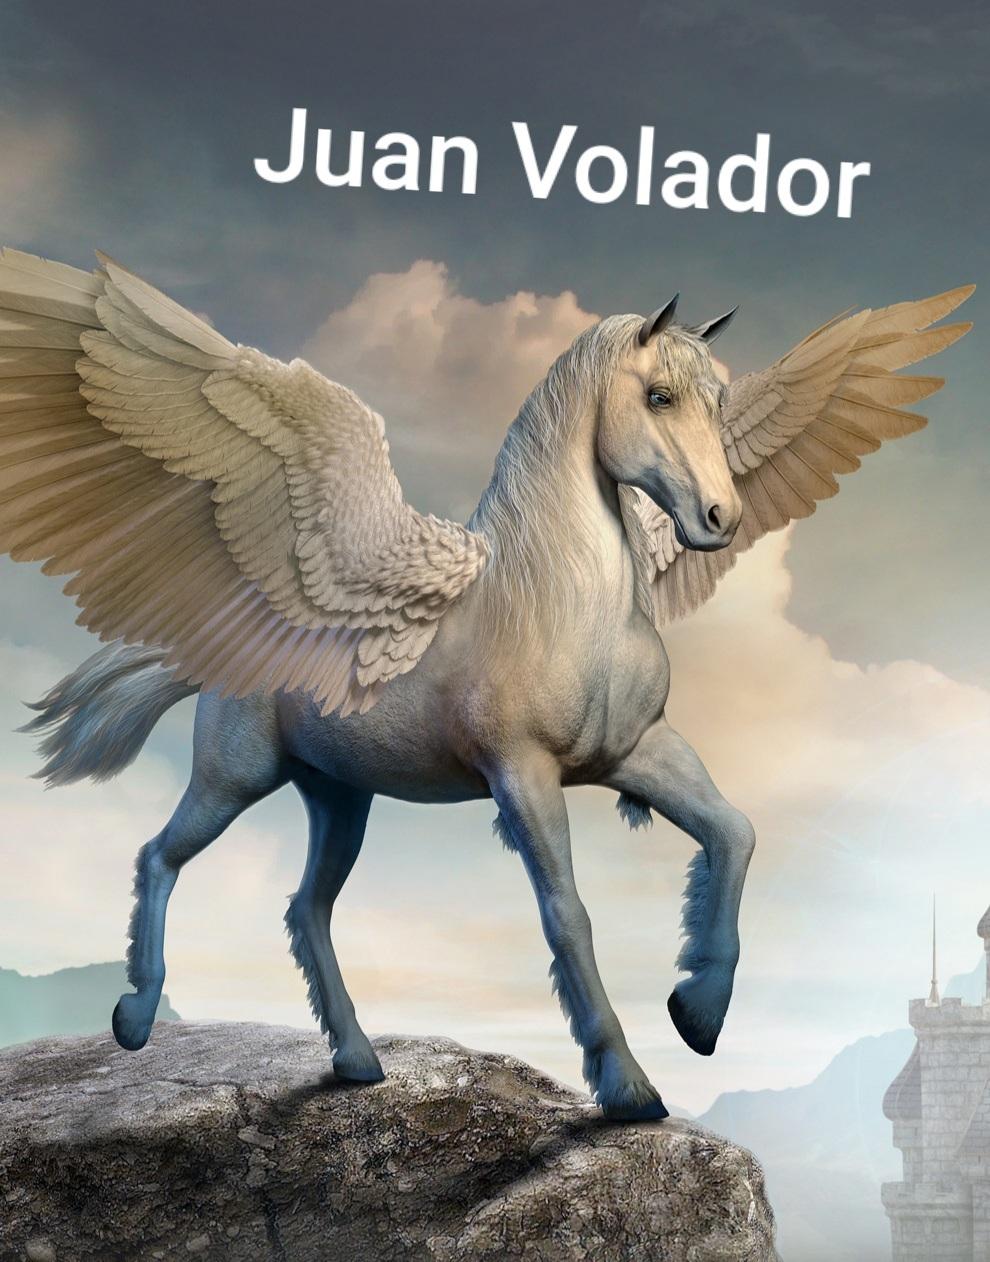 Juan volador - meme